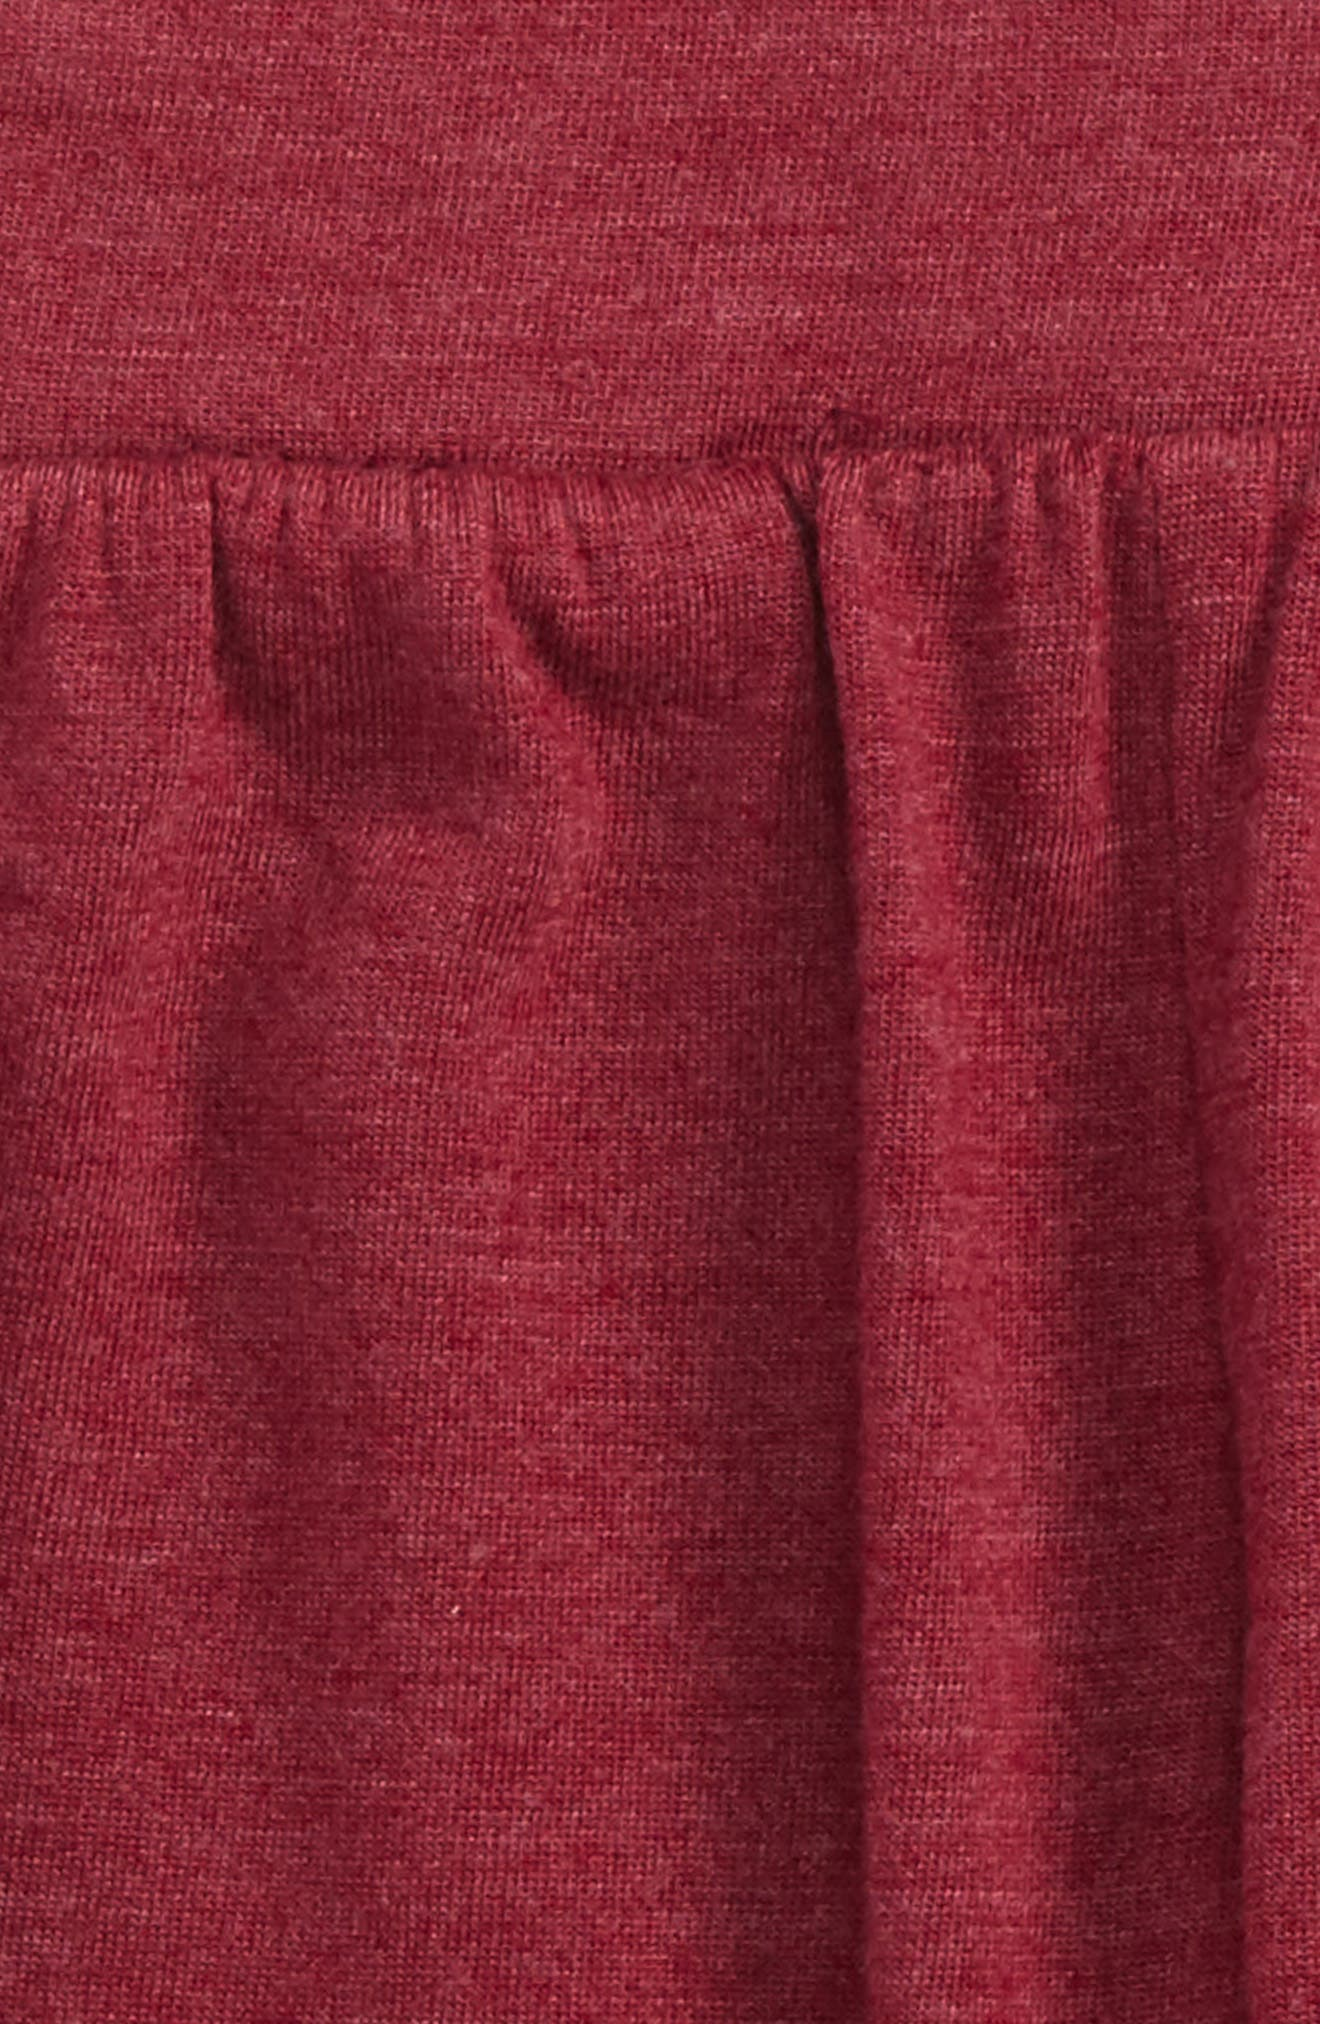 Jenna Sweatpants,                             Alternate thumbnail 2, color,